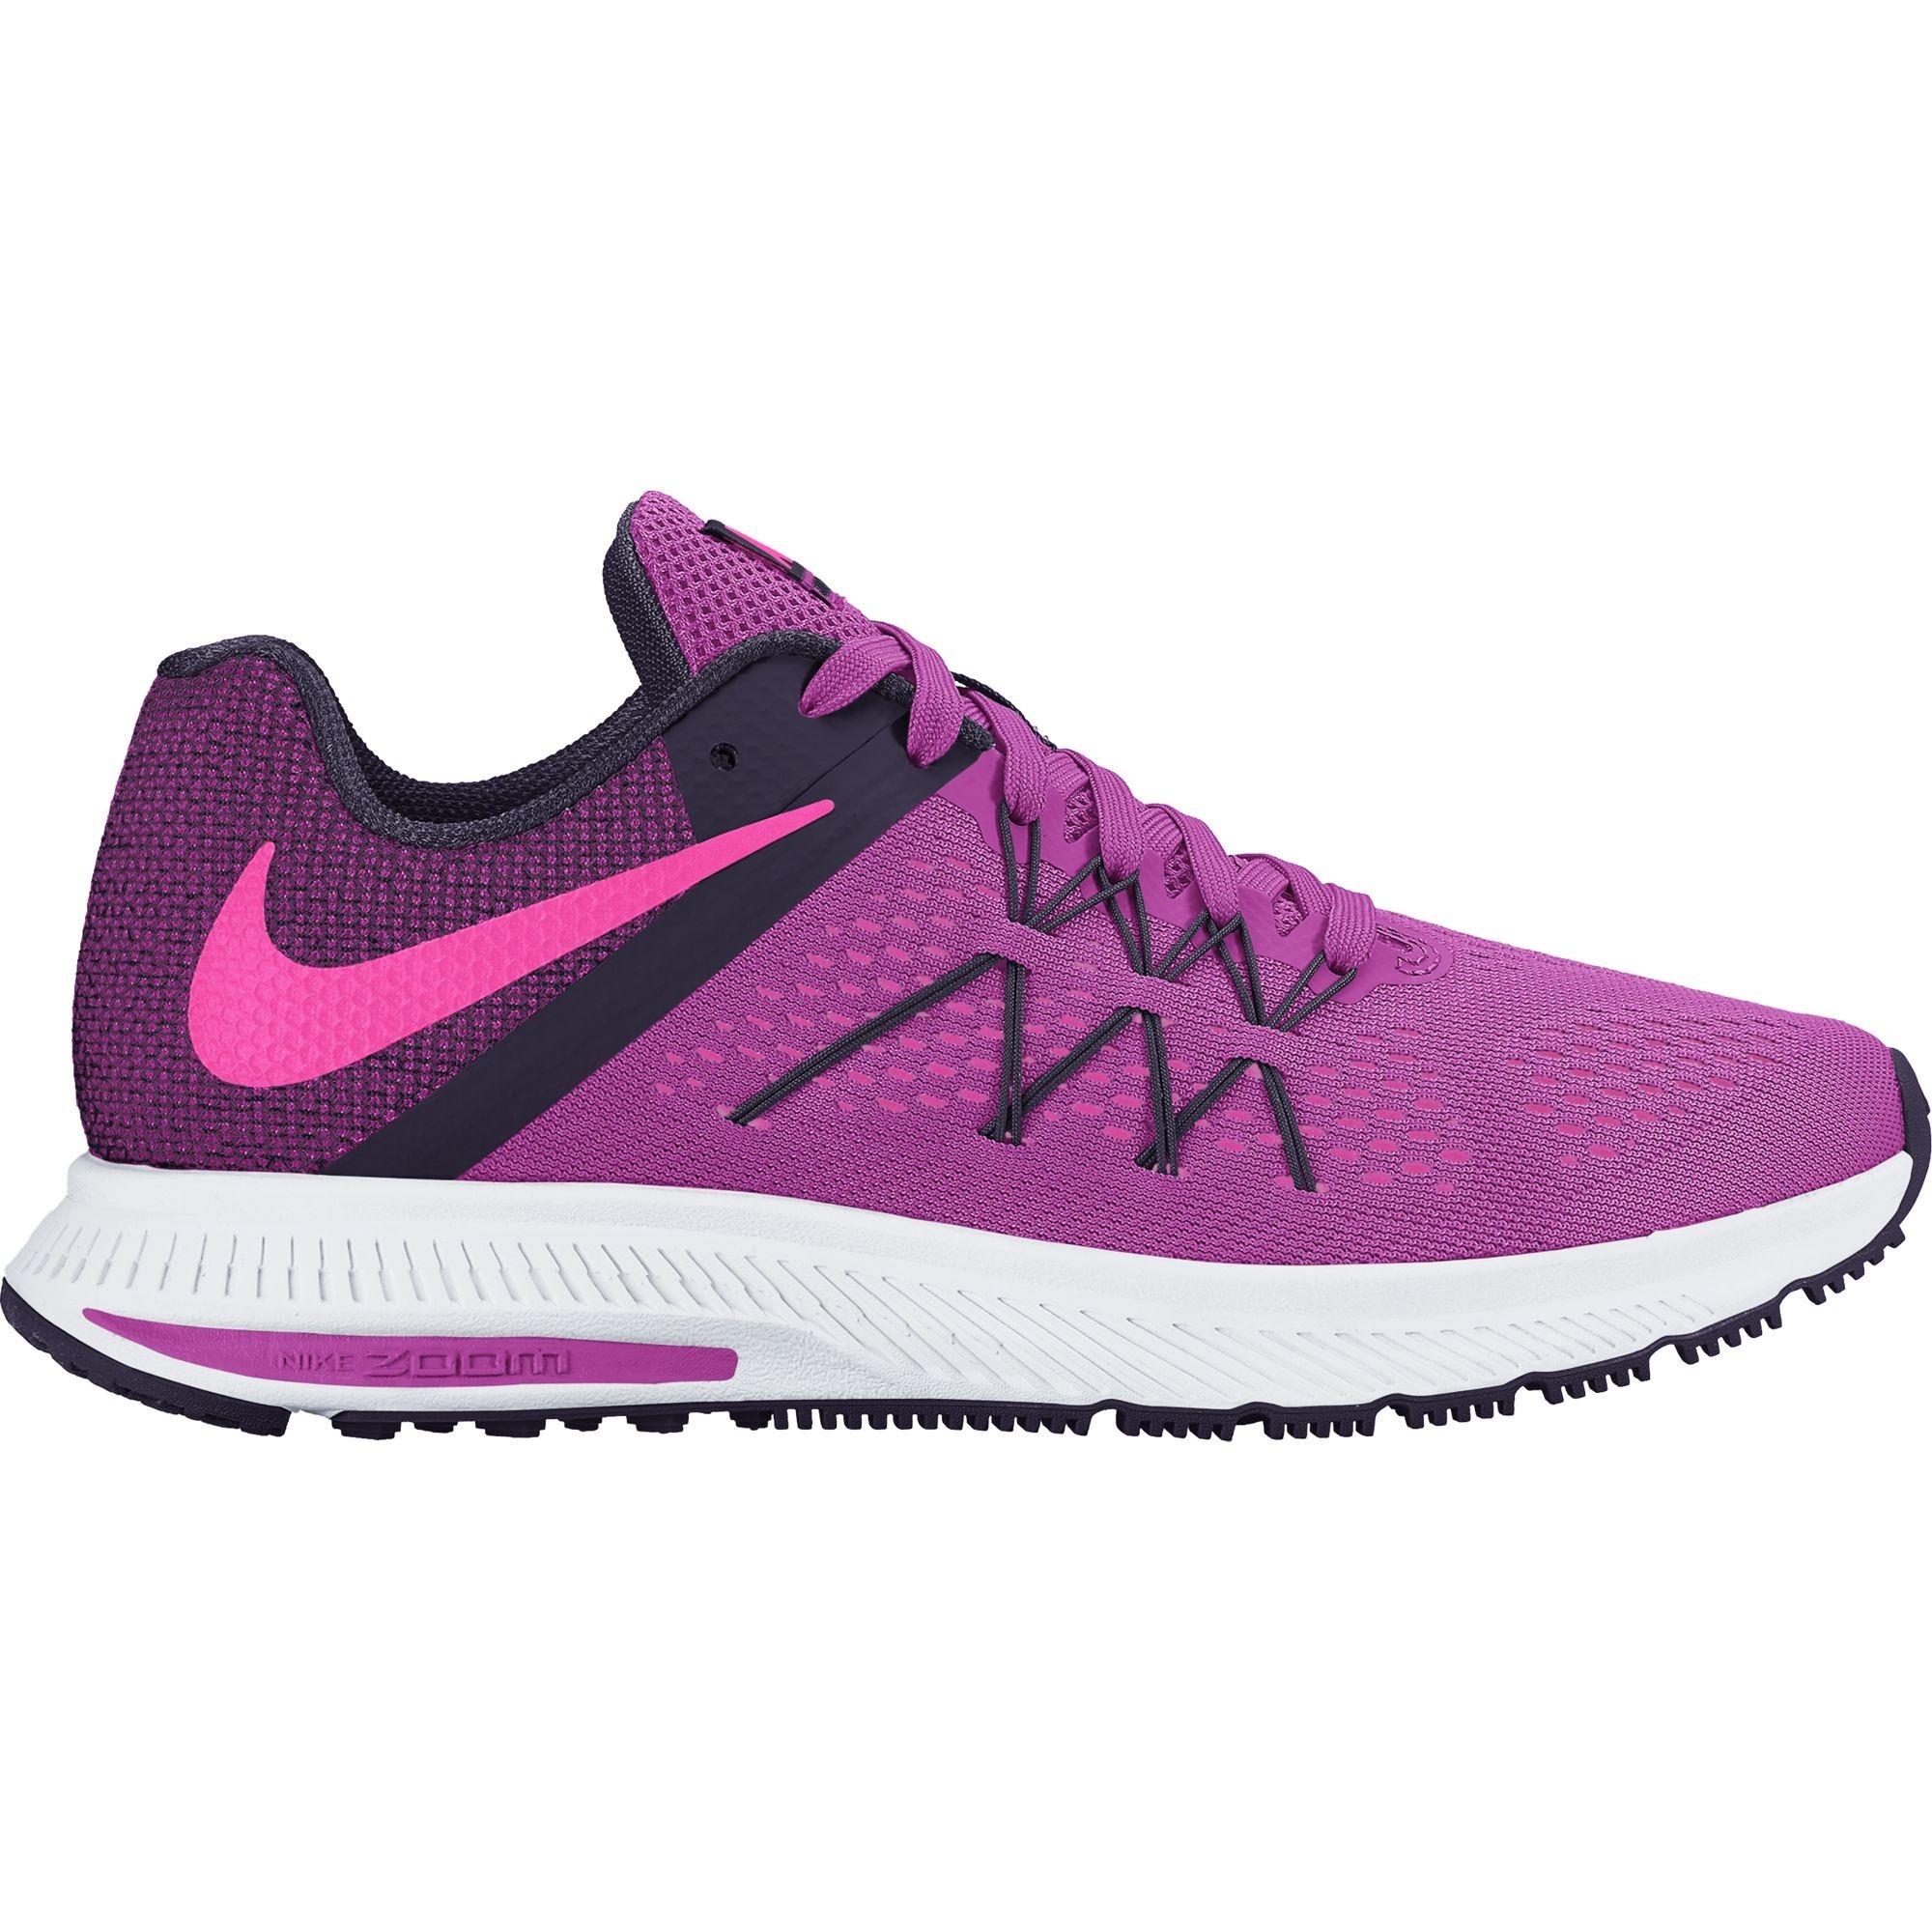 Zapatillas deportivas mujer nike